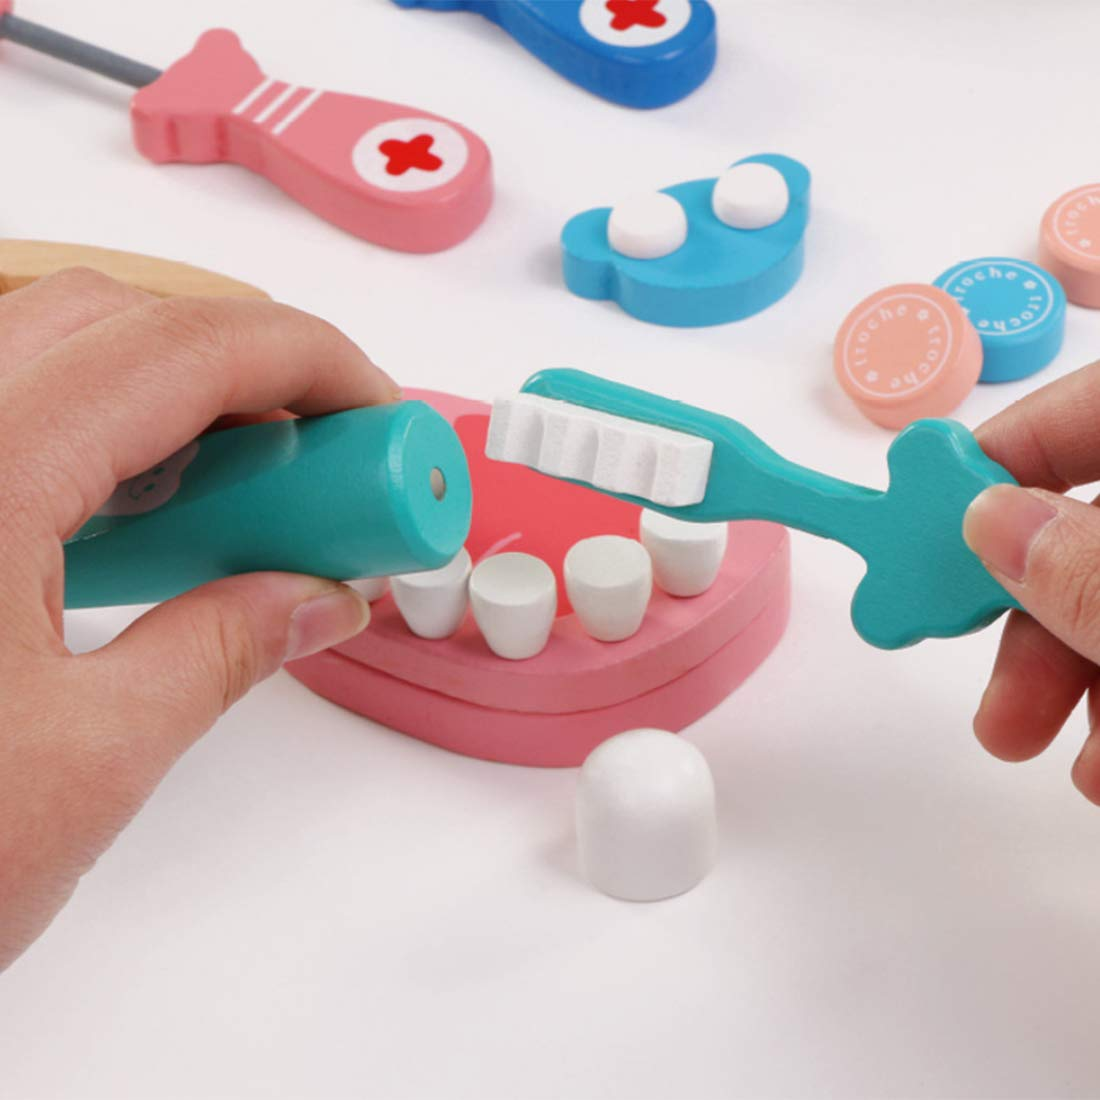 AMITAS Arzt Spielzeug Sarztkoffer Kinder Dentist Rollenspiele Spielzeug Simulierte Medizinische Kit- 24 St/ück